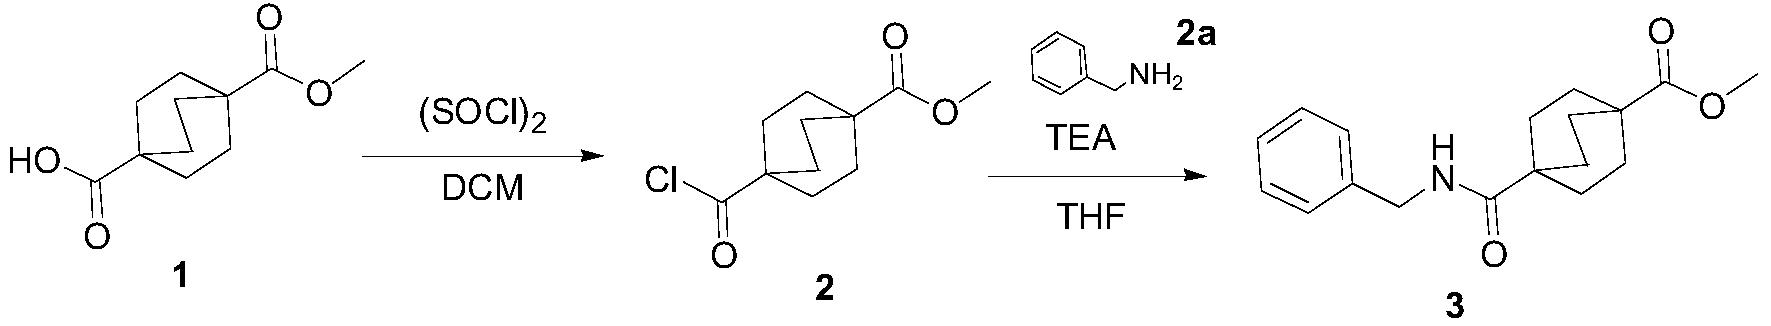 Figure PCTCN2017084604-appb-000274